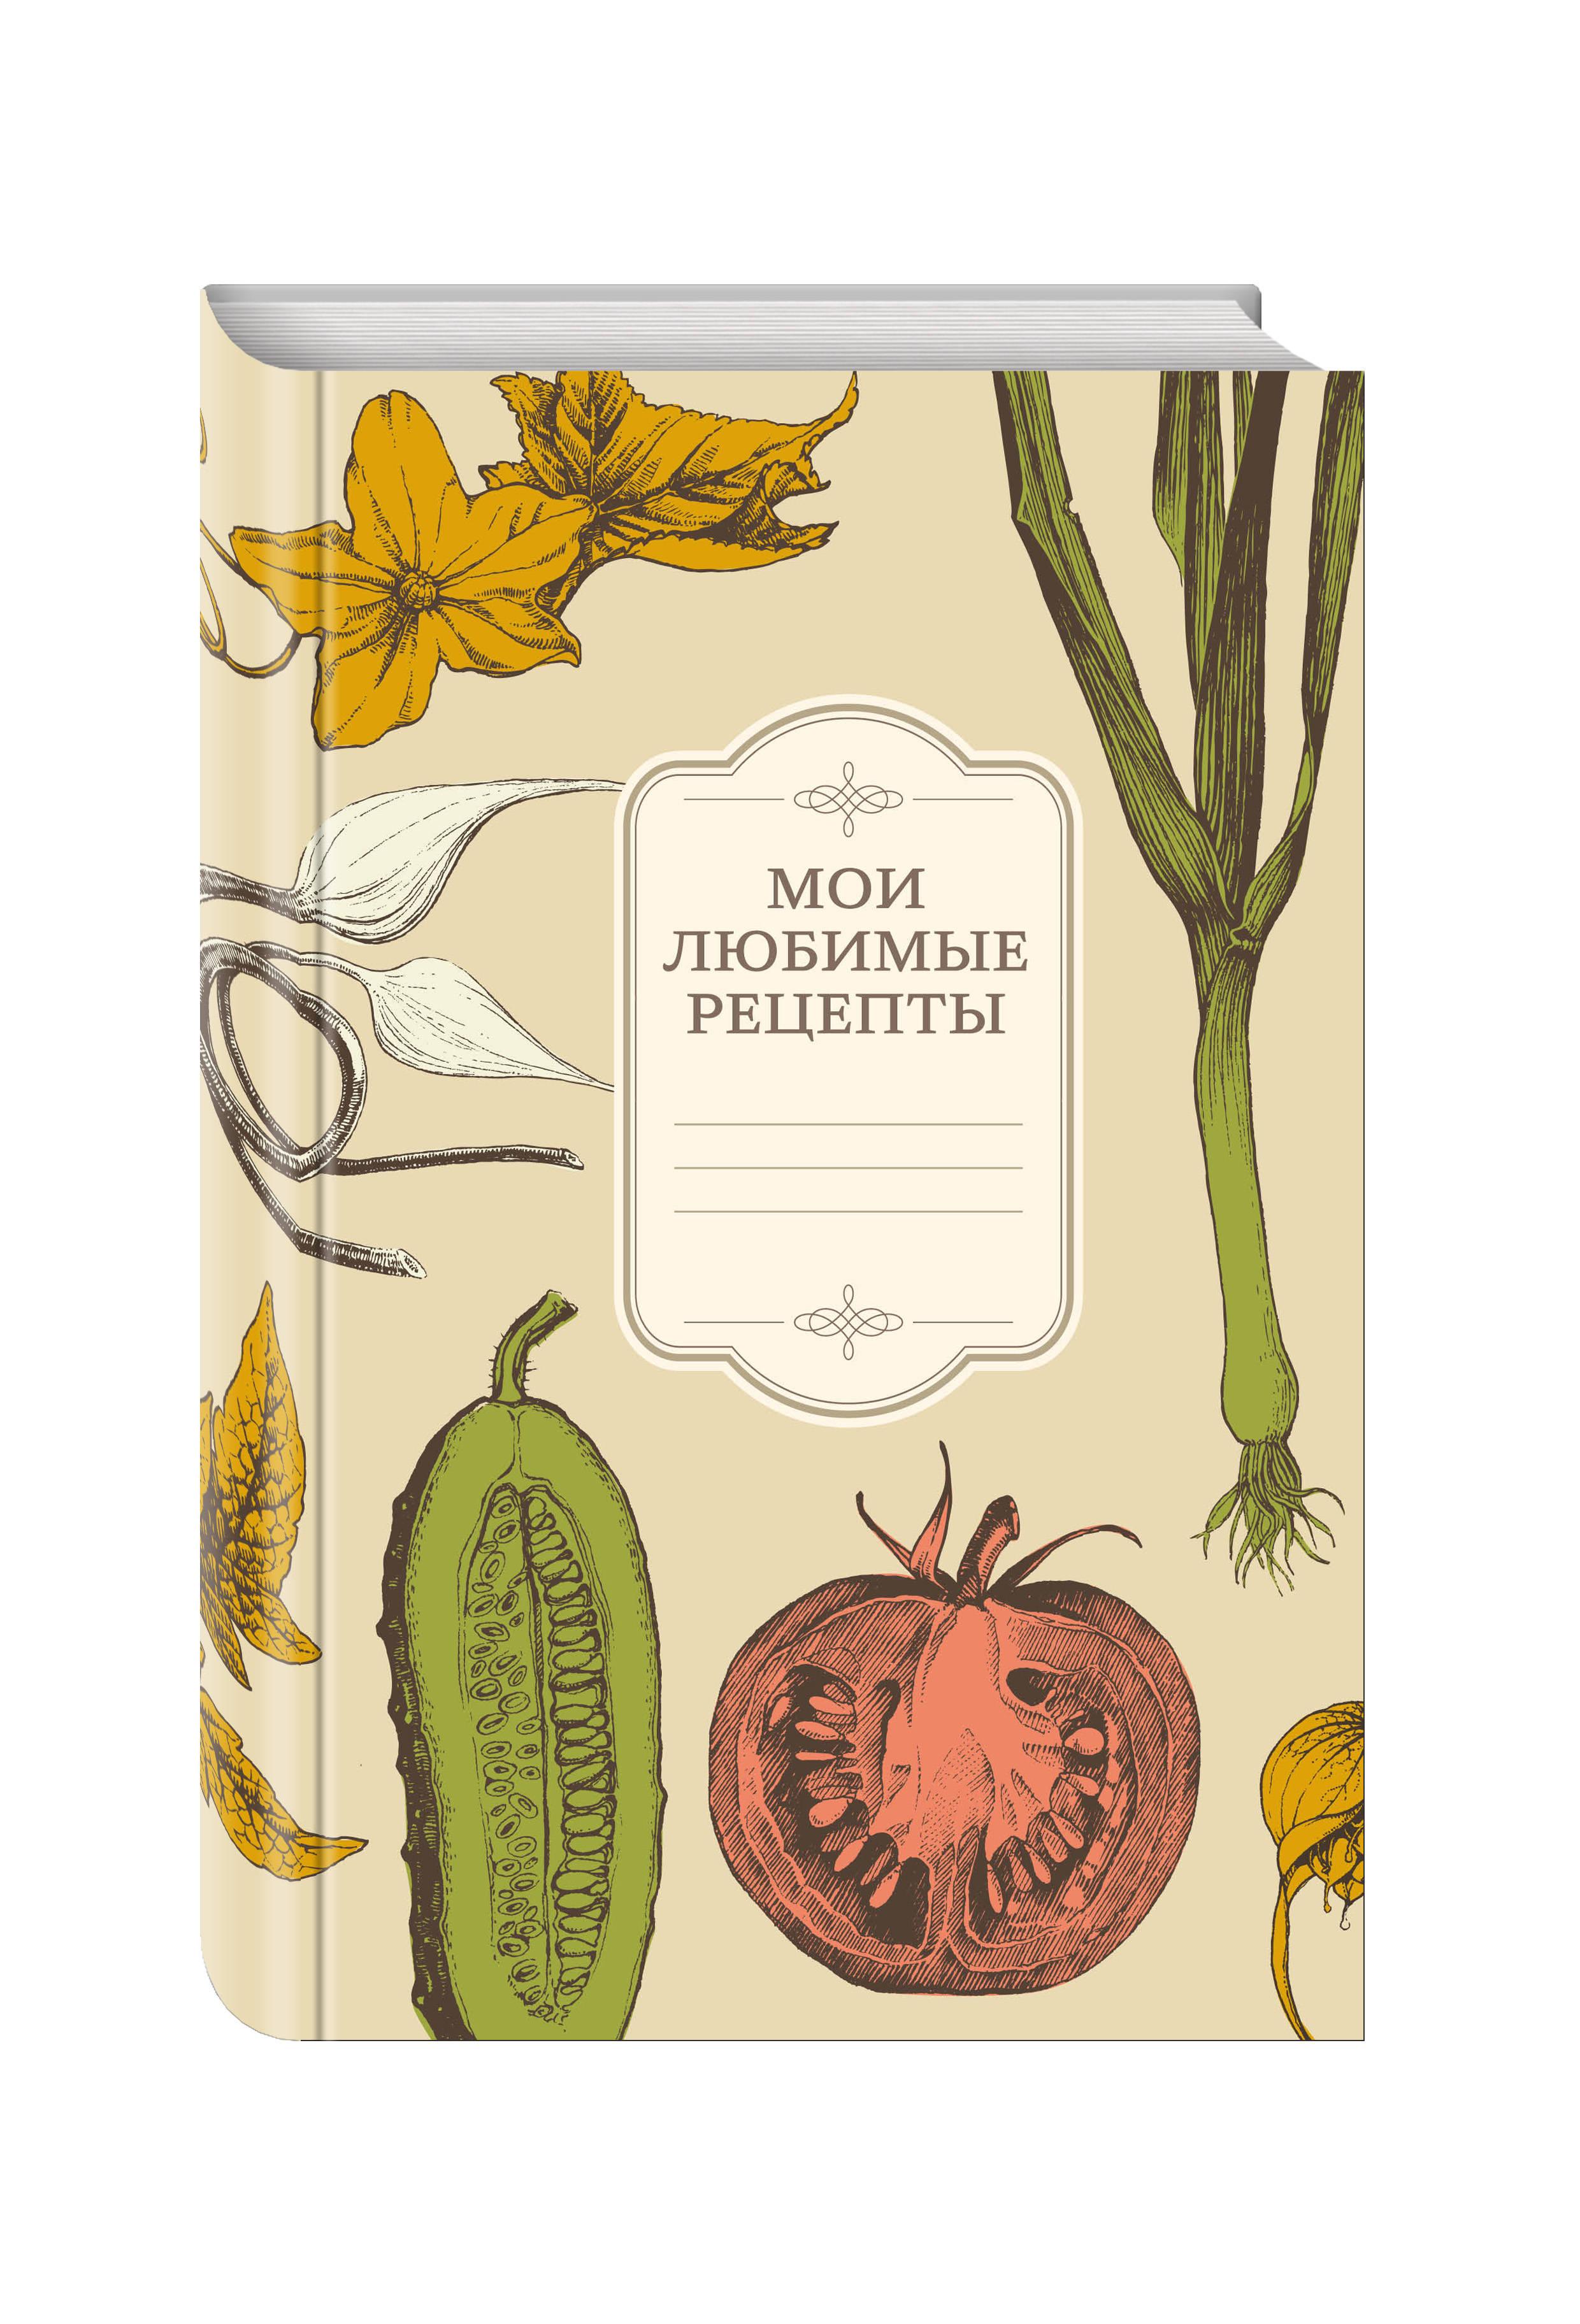 Мои любимые рецепты. Книга для записи рецептов (а5_овощи)